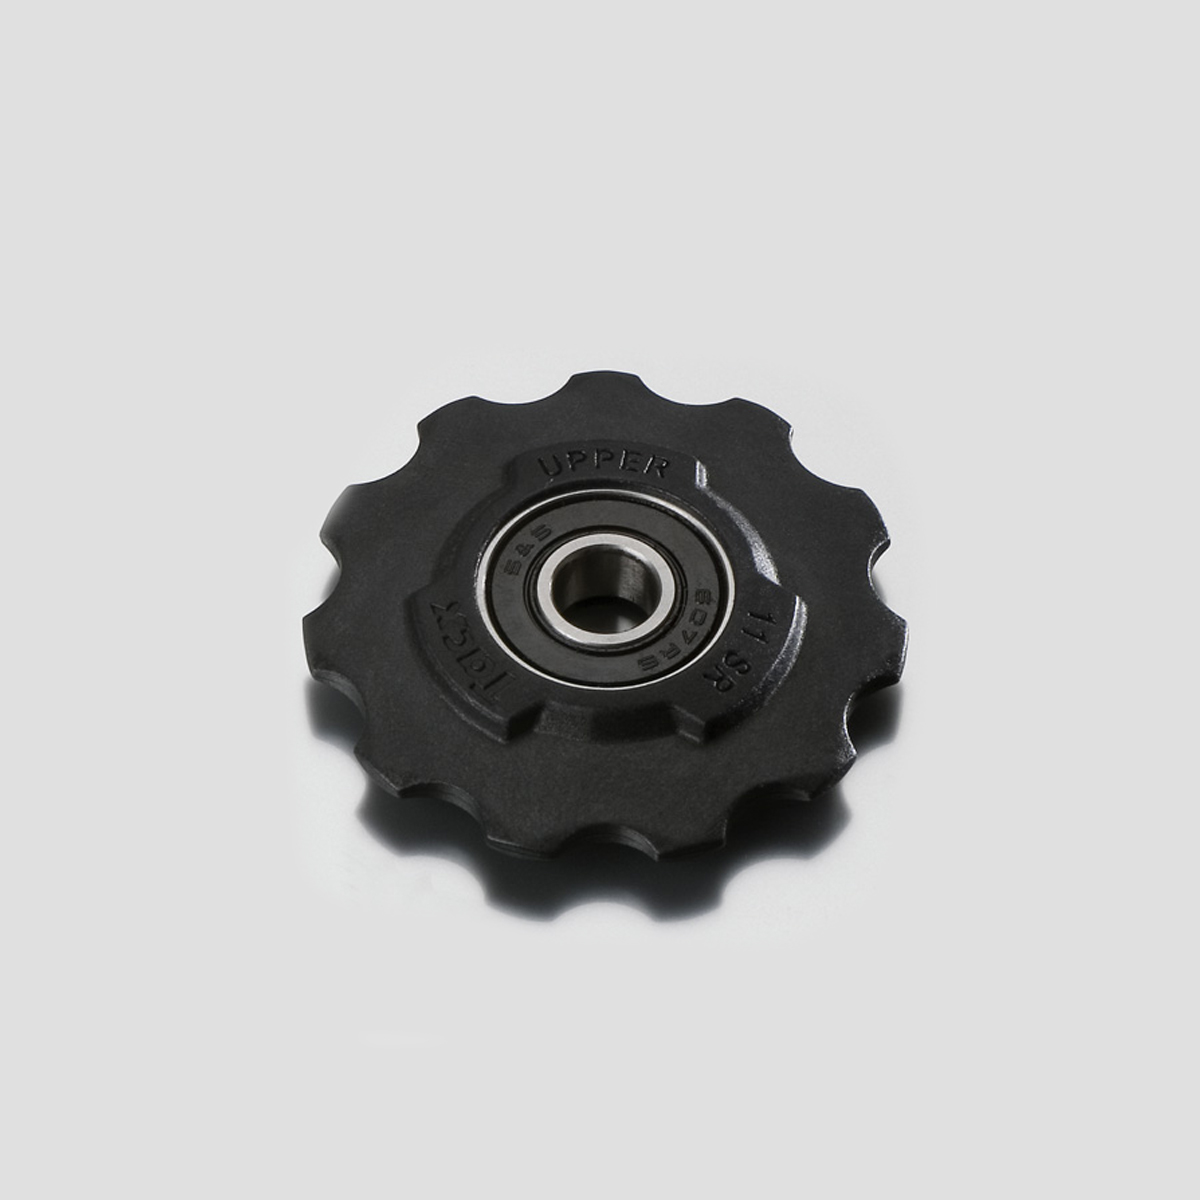 2005 Tacx Jockey Wheels fits Sram 9.0Sl X9 X0 01-02 9.0 03 2004 Only